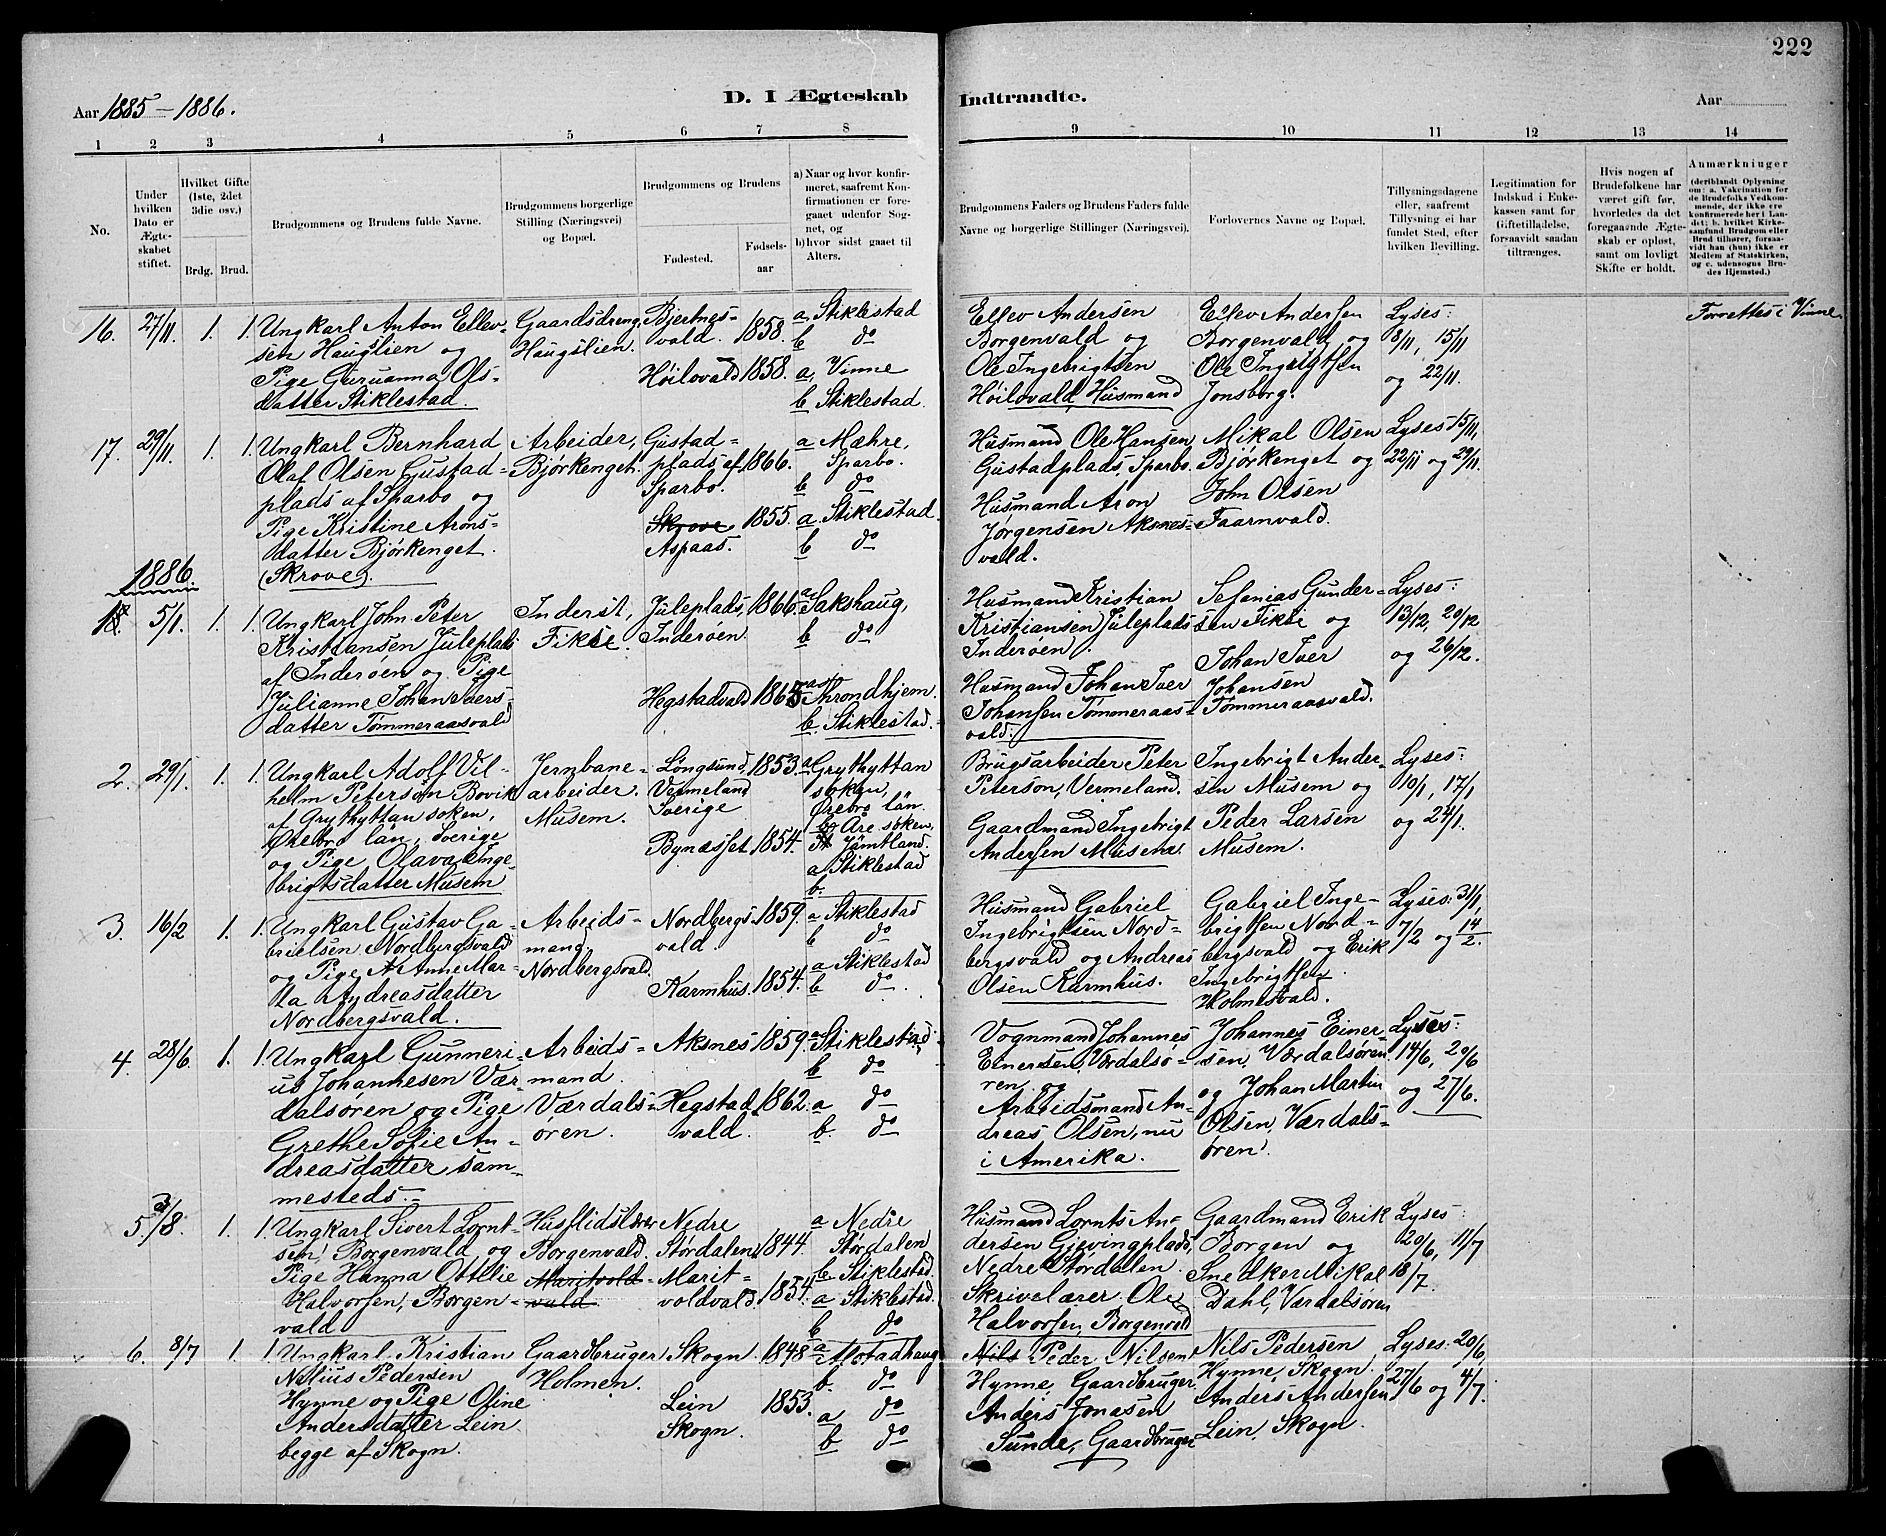 SAT, Ministerialprotokoller, klokkerbøker og fødselsregistre - Nord-Trøndelag, 723/L0256: Klokkerbok nr. 723C04, 1879-1890, s. 222